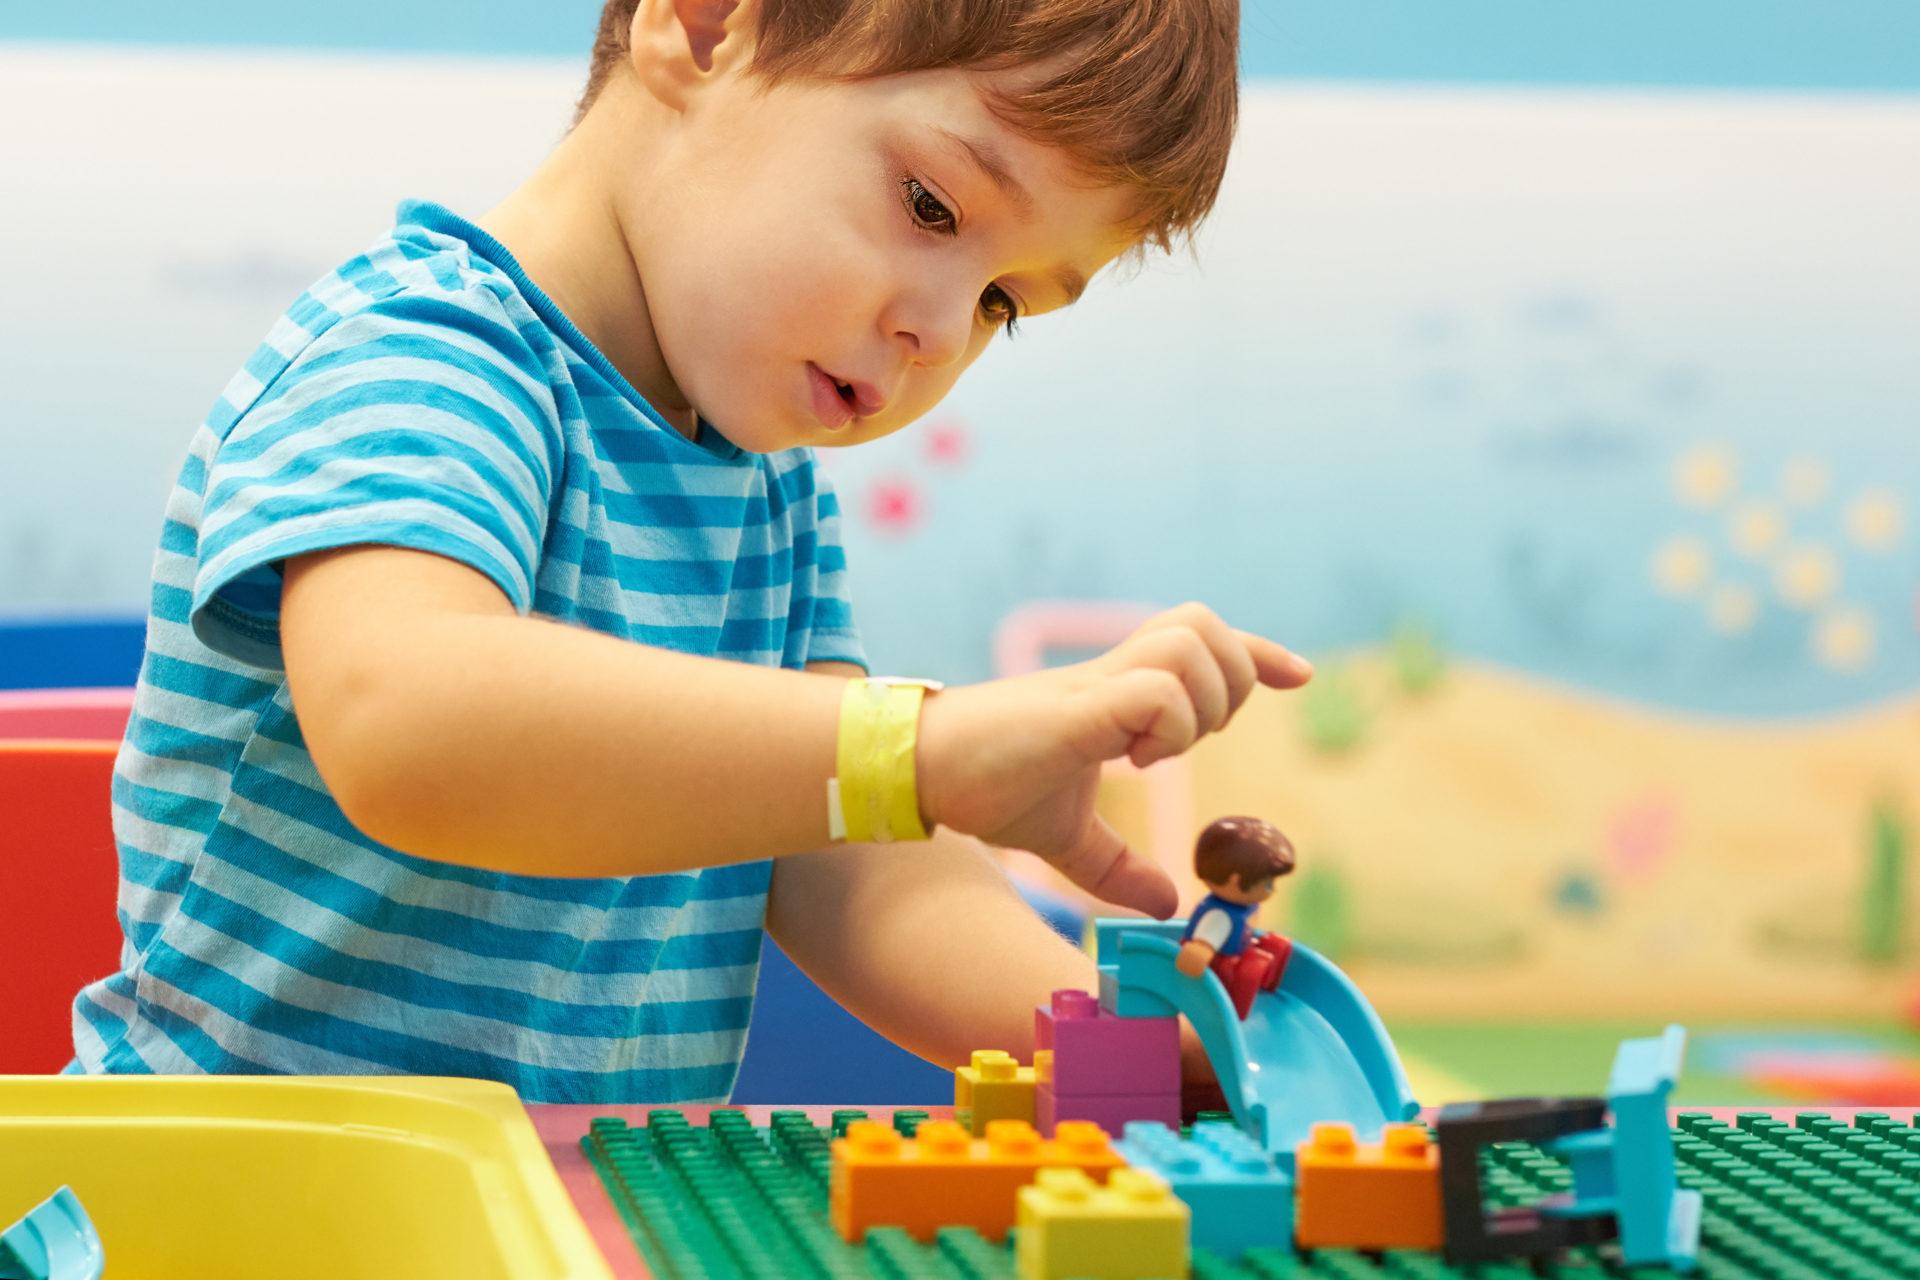 Jeu, Jouet Enfant - Jeu Enfant 2 Ans, 3 Ans, 4 Ans Et 5 Ans intérieur Jeux De Garcon Gratuit 3 Ans